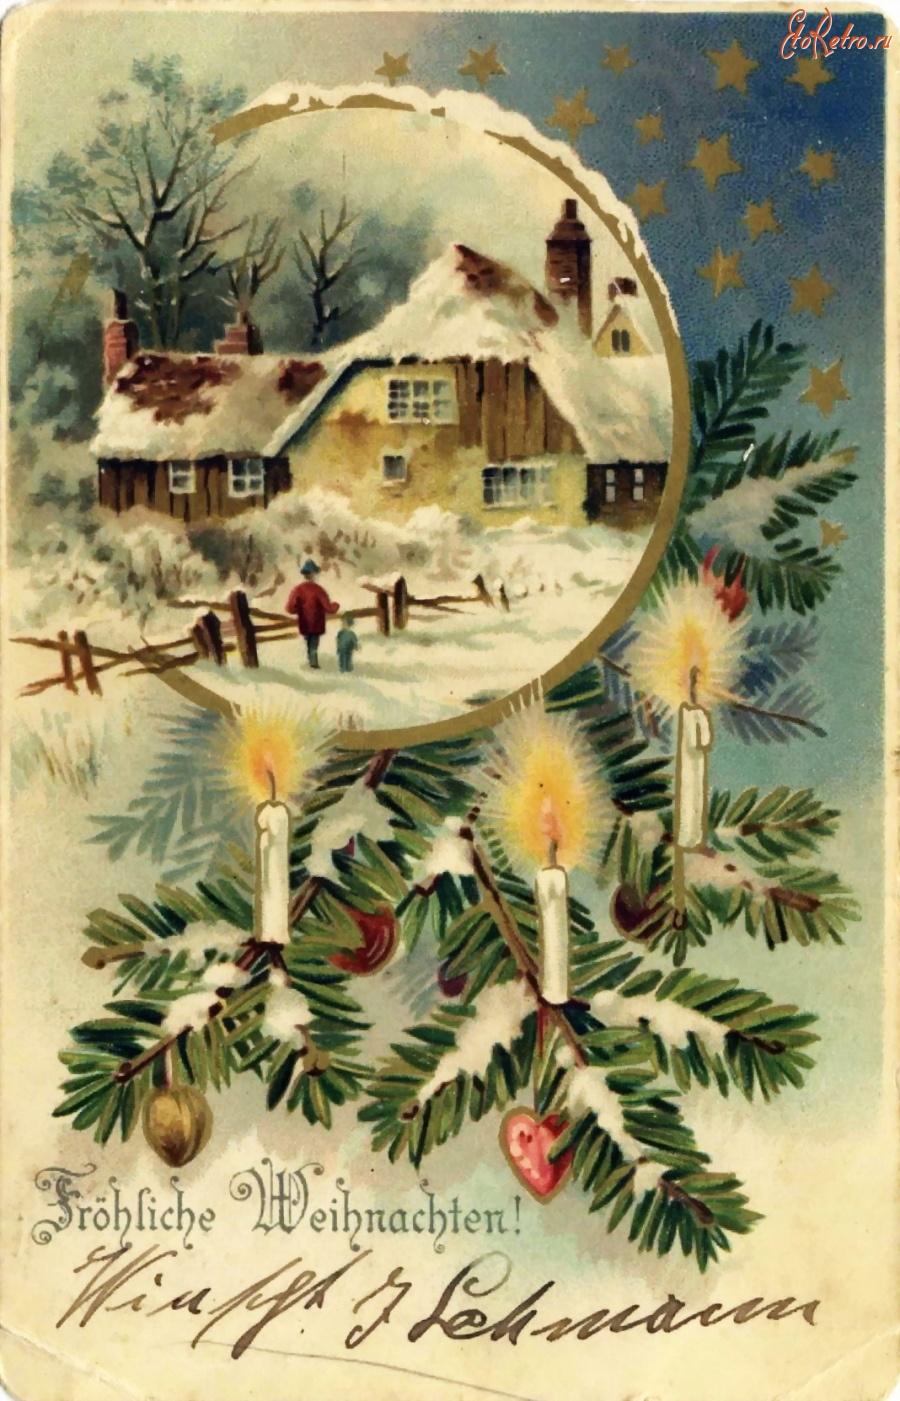 Днем, рождественские открытки переводчик